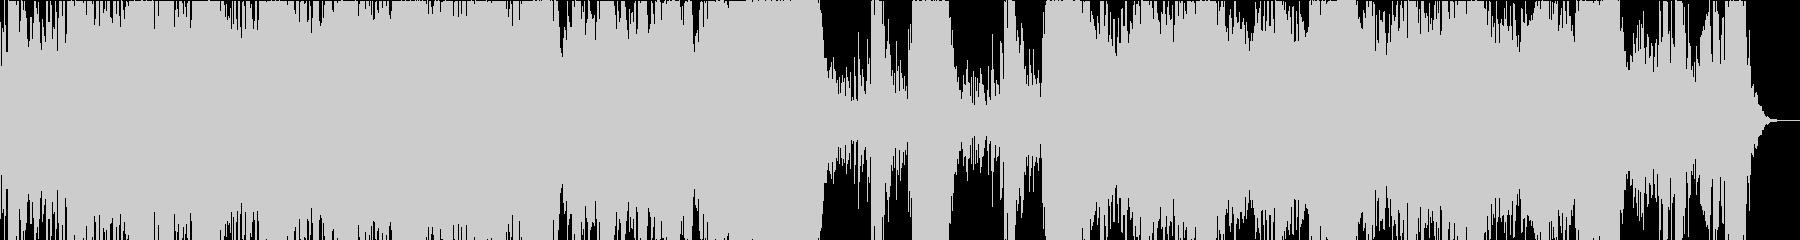 幻想的で緊張感のあるエピックオーケストラの未再生の波形